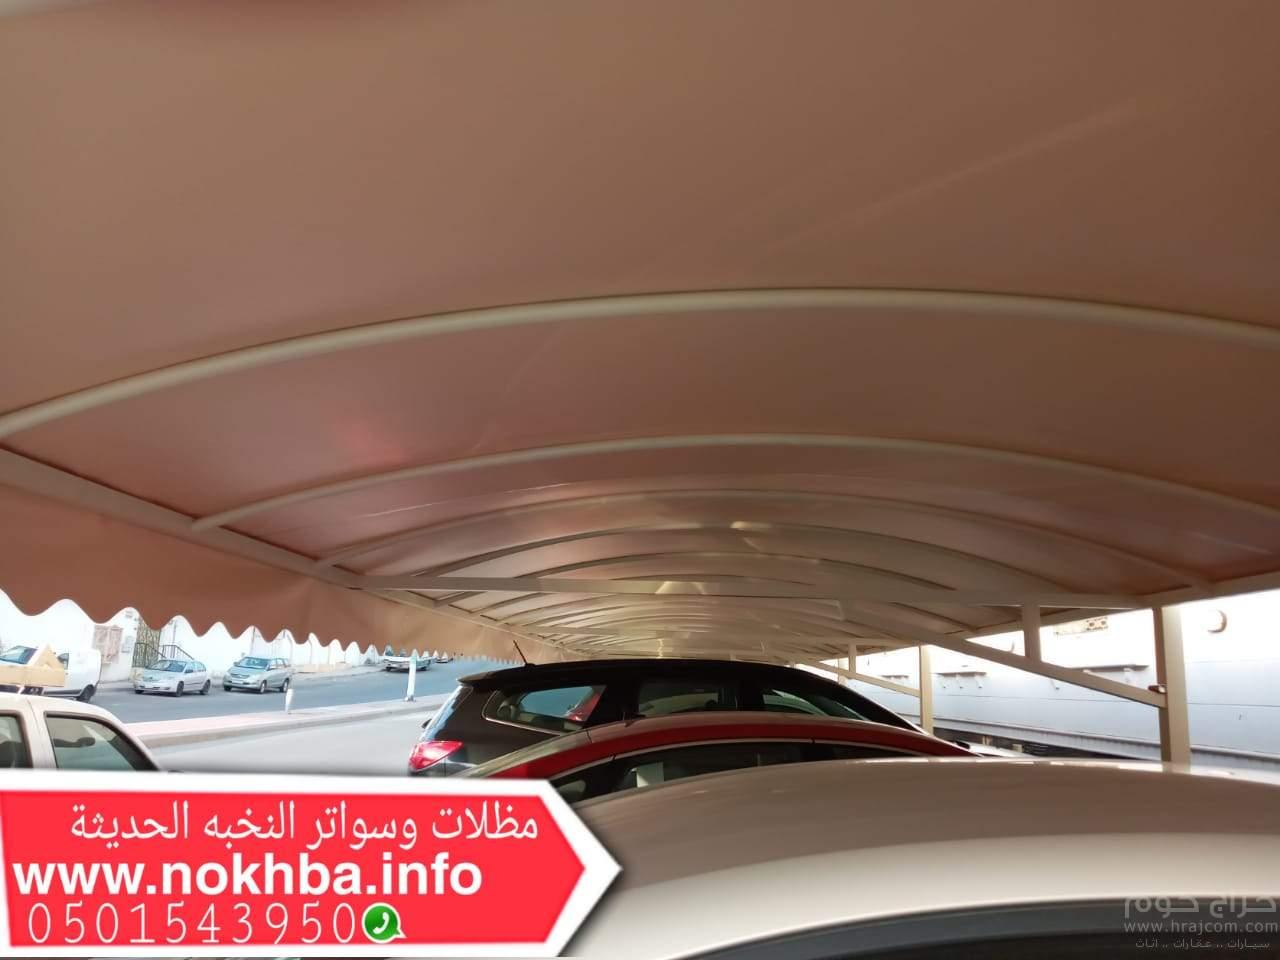 مظلات مكة , مظلات سيارات , بأحدث الاشكال العصرية وارقي التصميمات , 0501543950